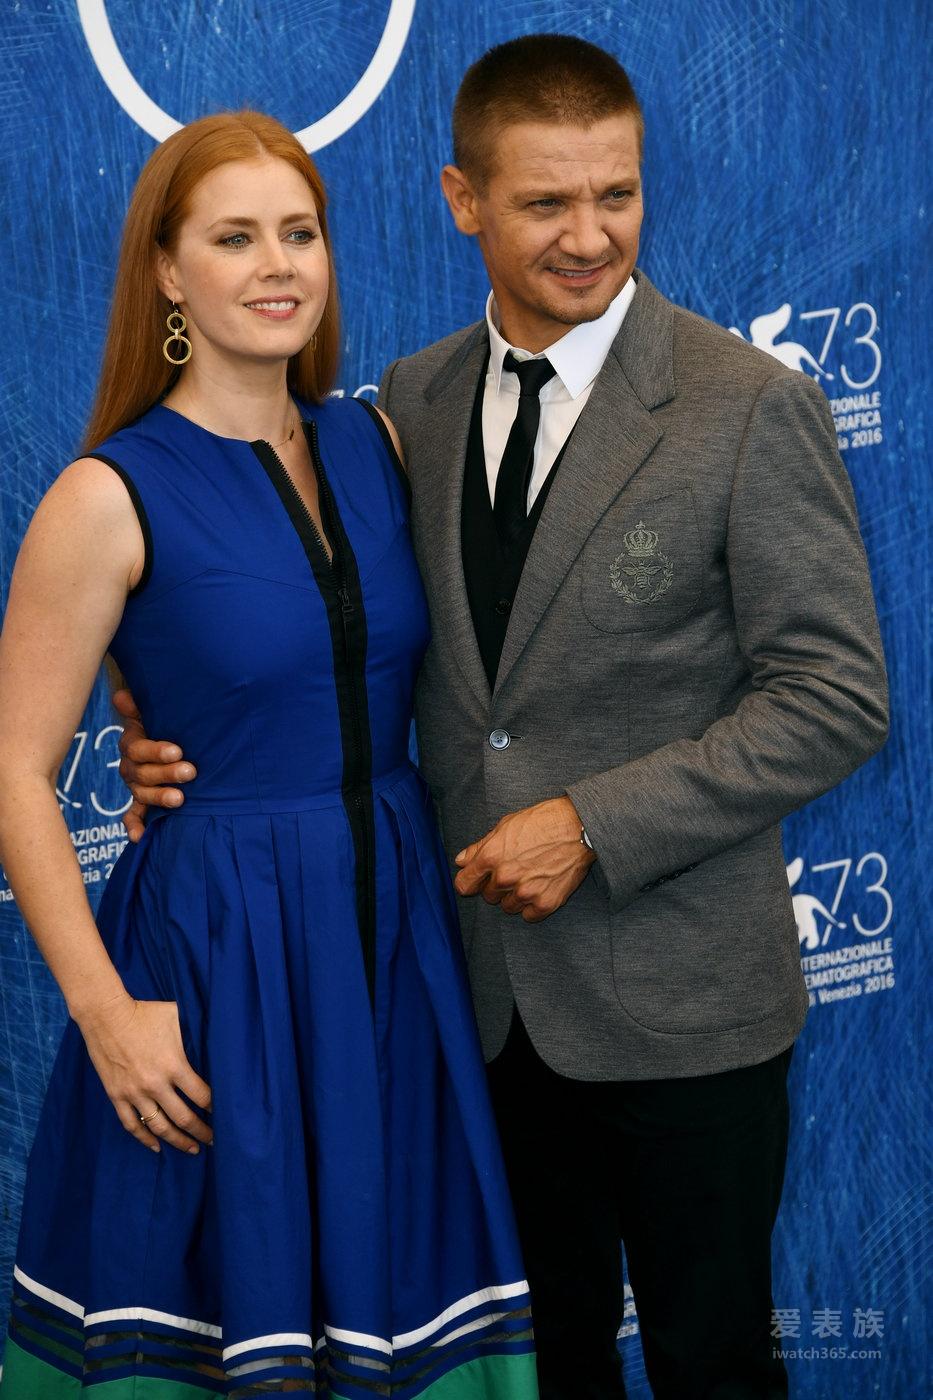 杰瑞米•雷纳佩戴积家腕表 出席第73届威尼斯国际电影节《降临》首映